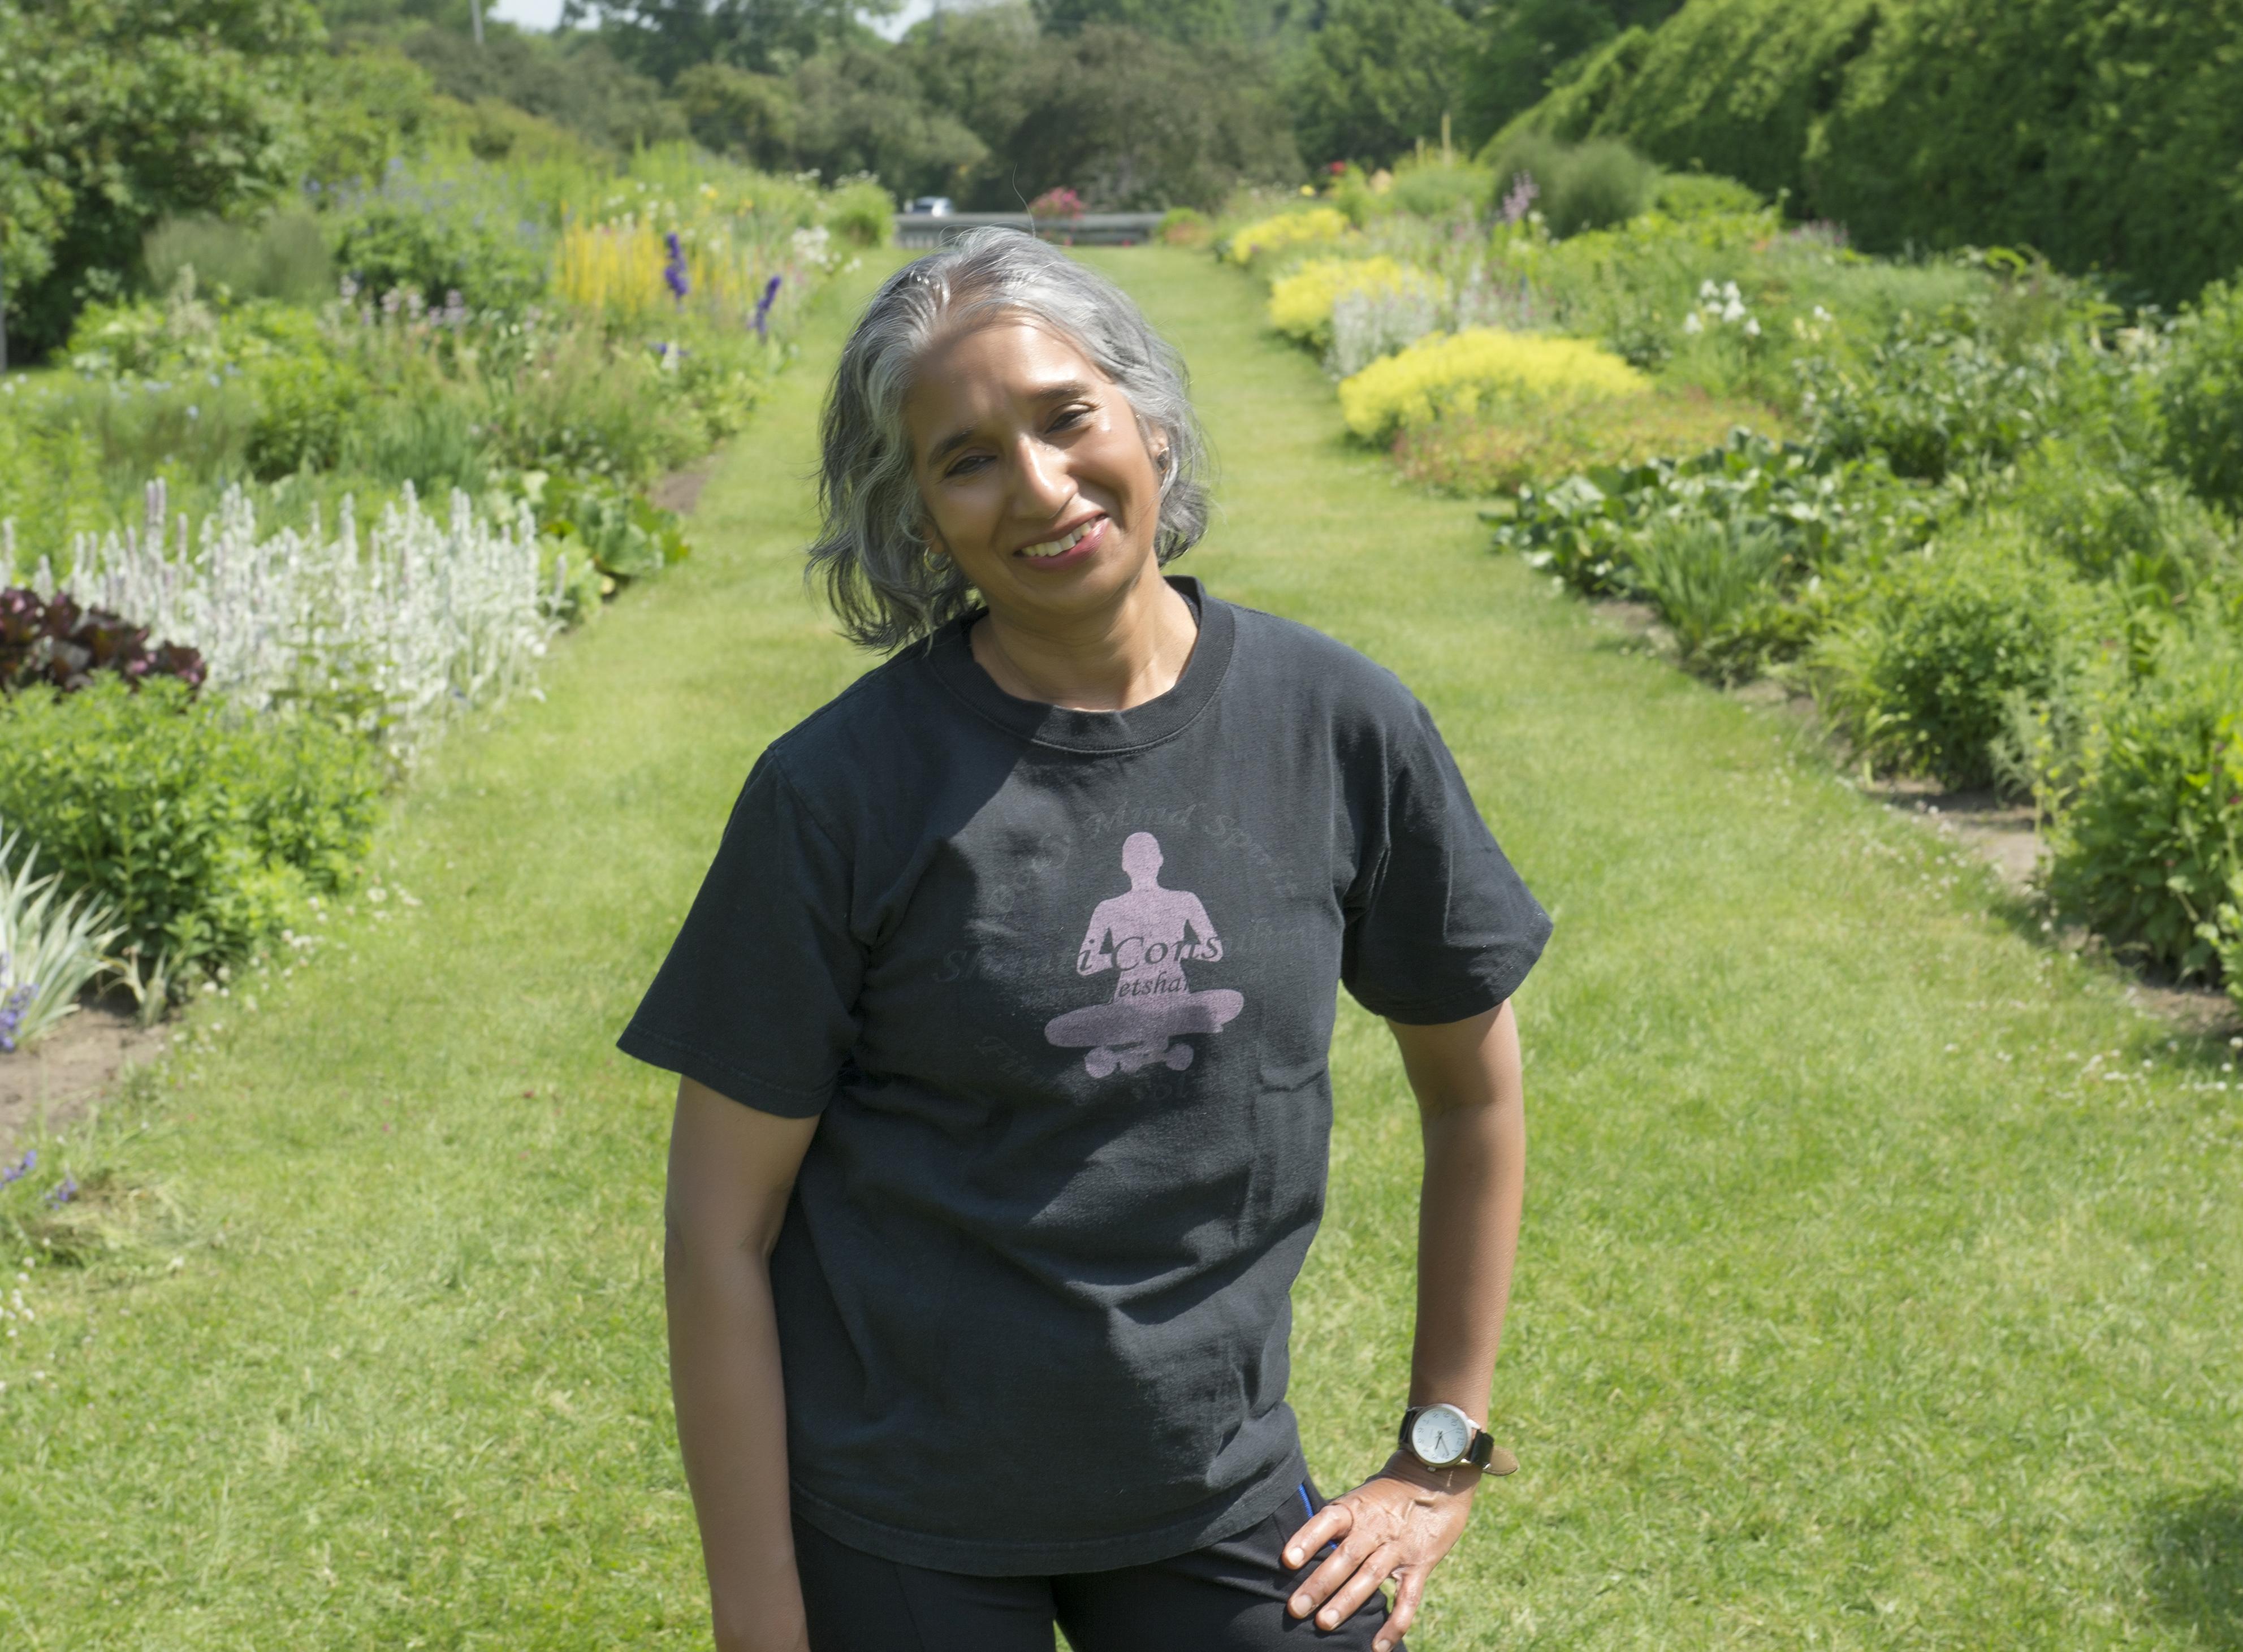 me at Experimental Arboretum